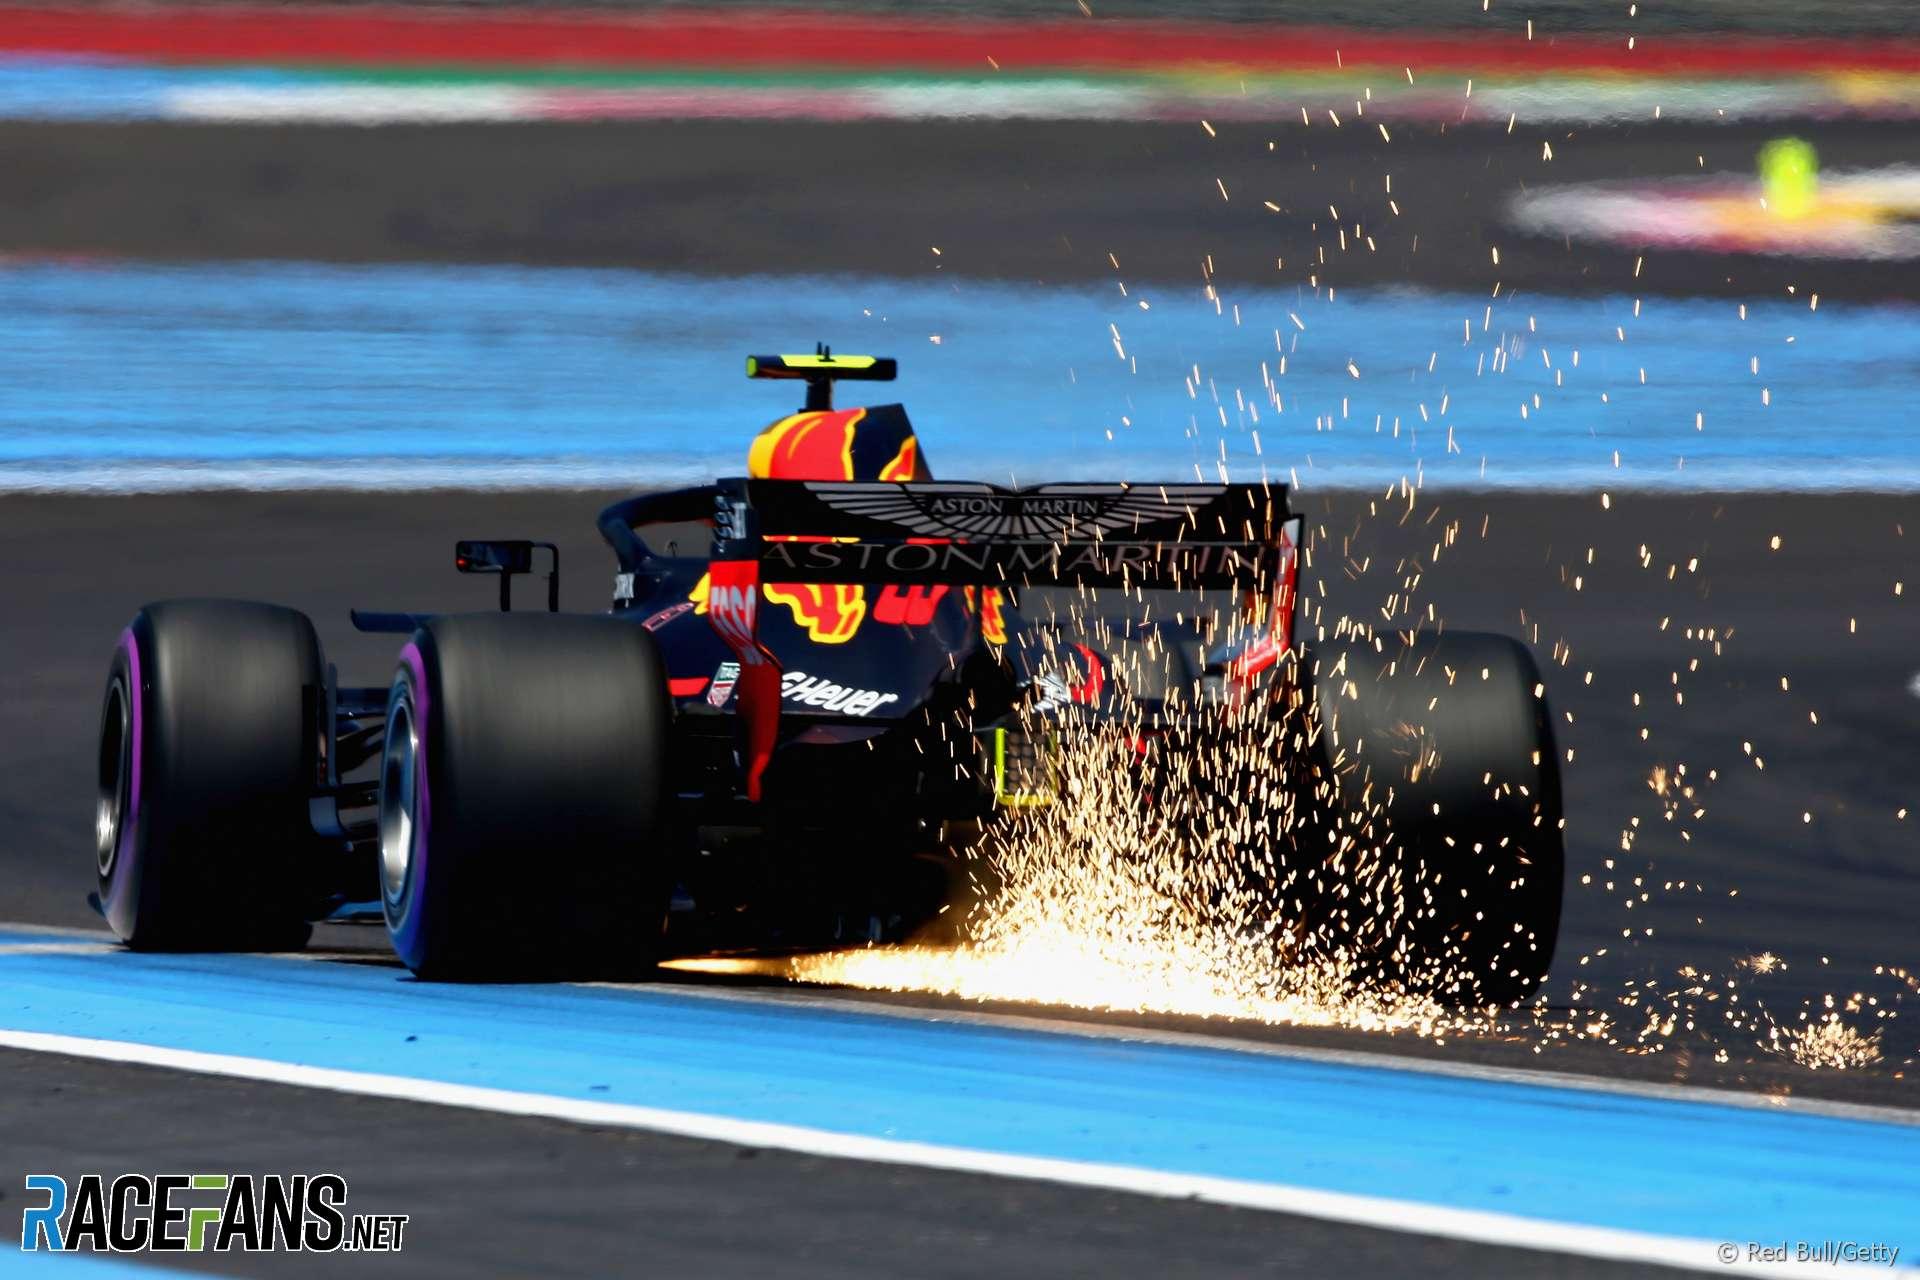 Max Verstappen, Red Bull, Paul Ricard, 2018